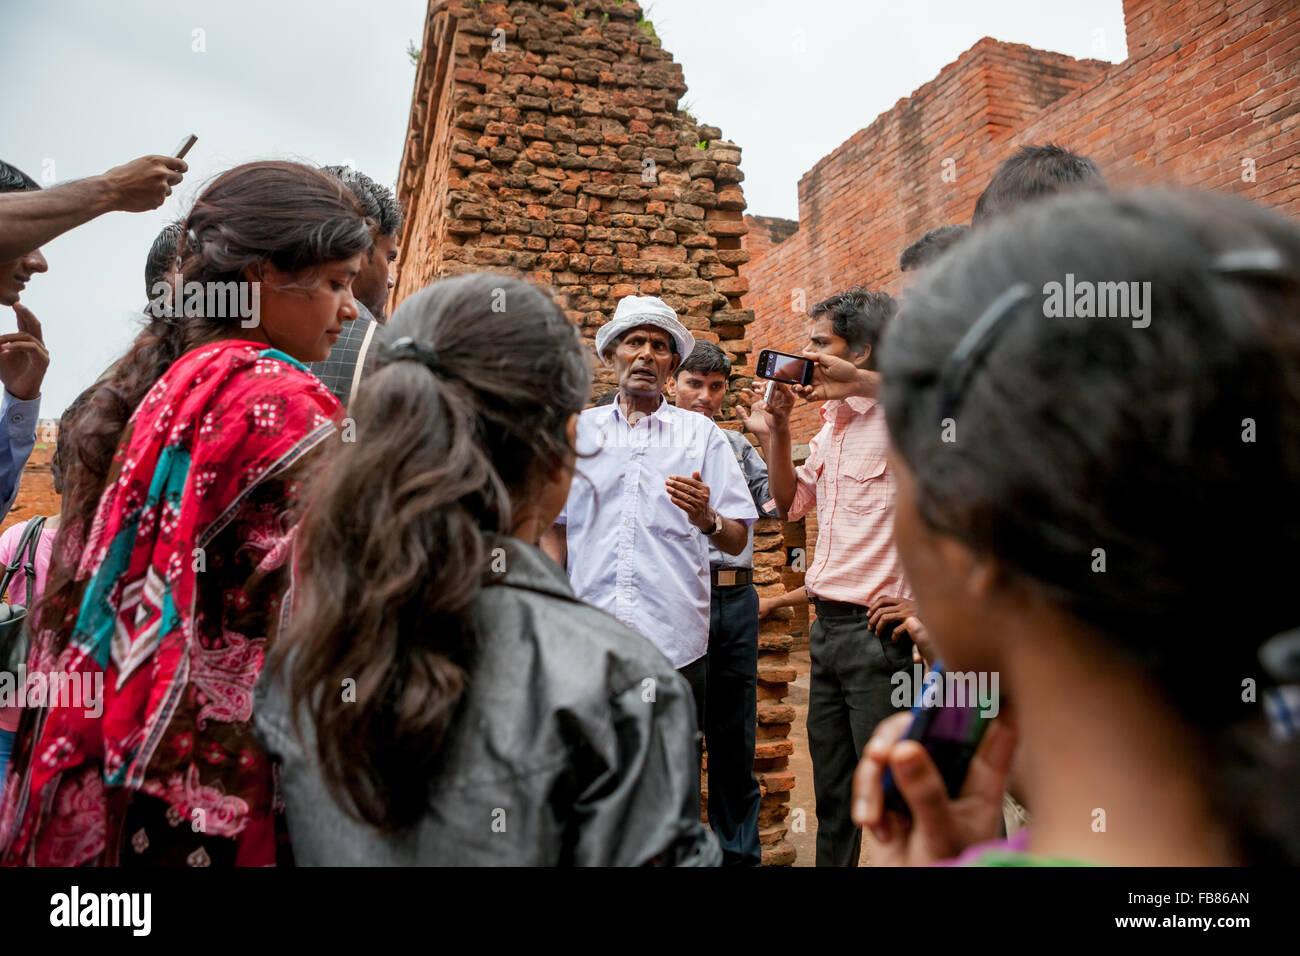 Los estudiantes indios durante la excursión arqueológica a las ruinas de la antigua universidad de Nalanda en Bihar, India. Foto de stock